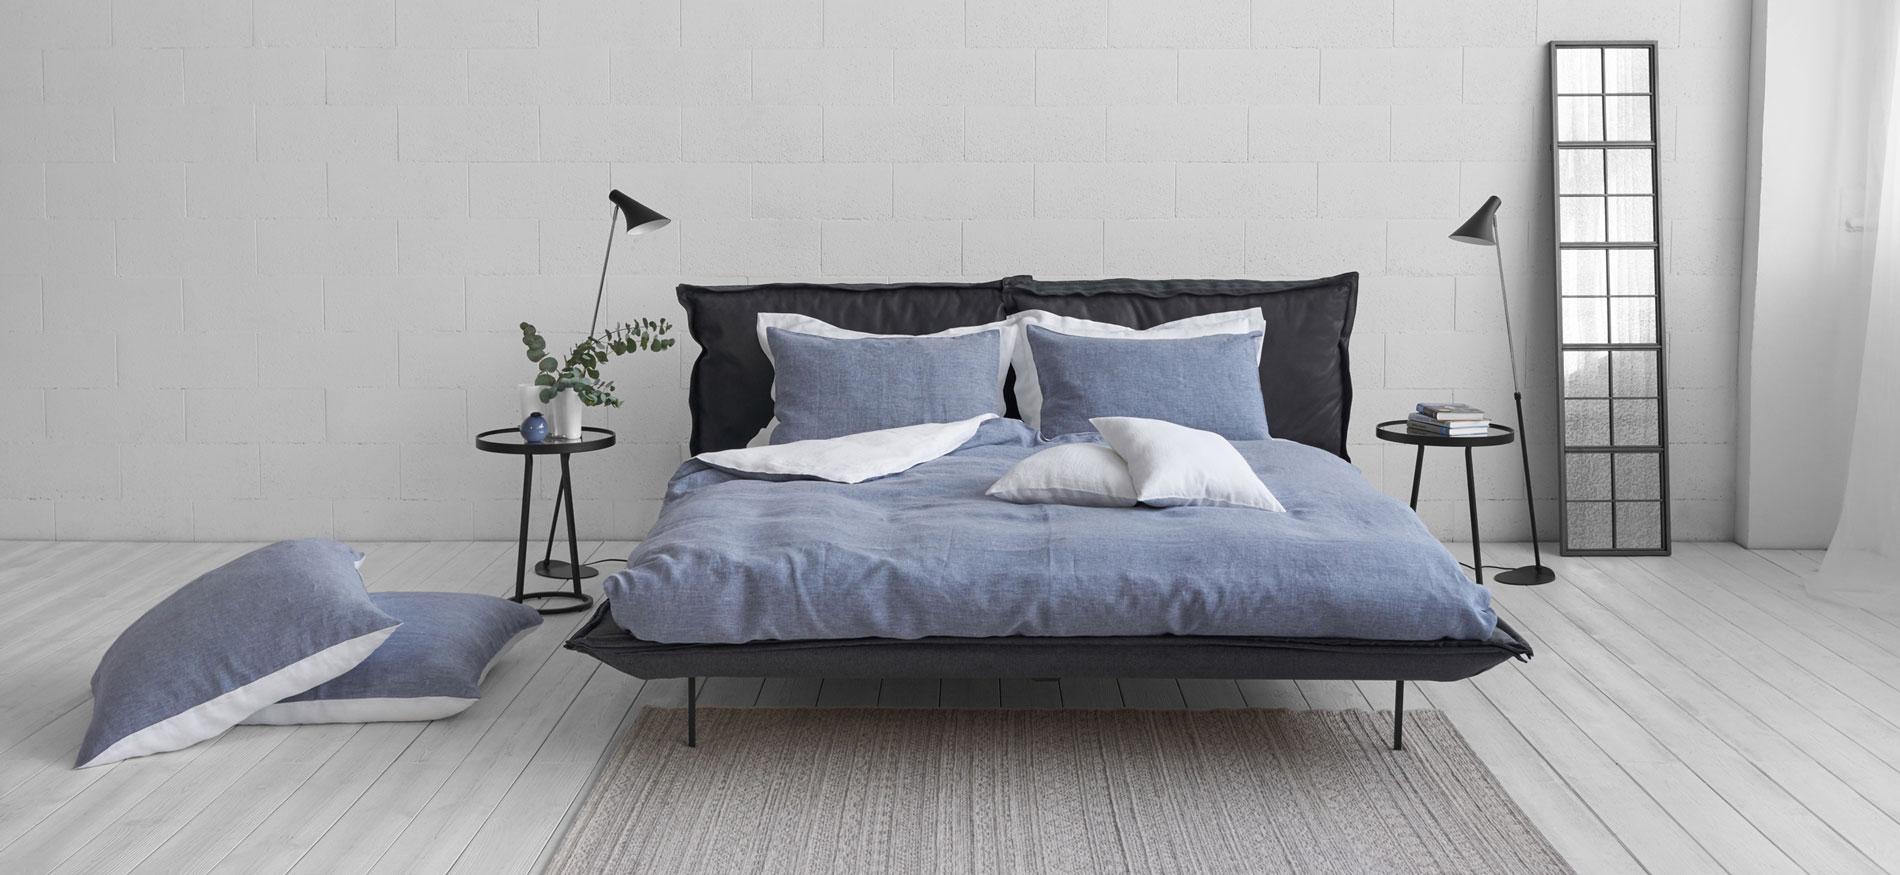 Genix bed linen